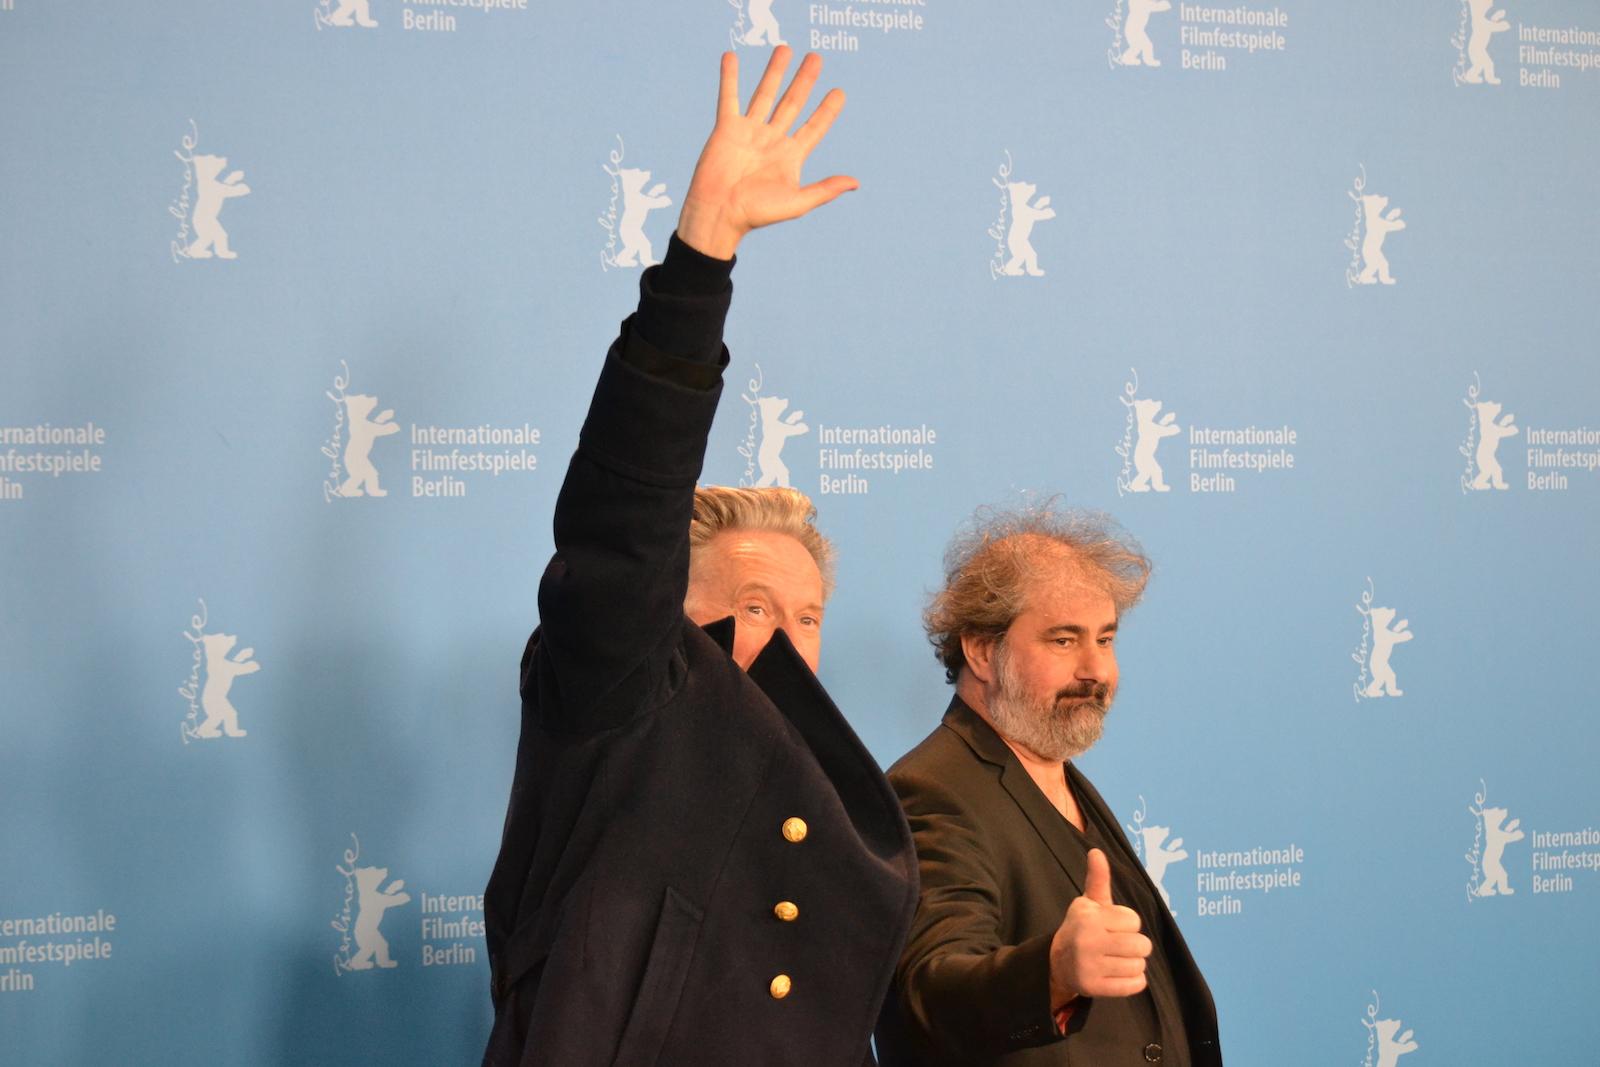 Berlino 2016: Benoît Delépine e Gustave Kervern durante il photocall di Saint Amour